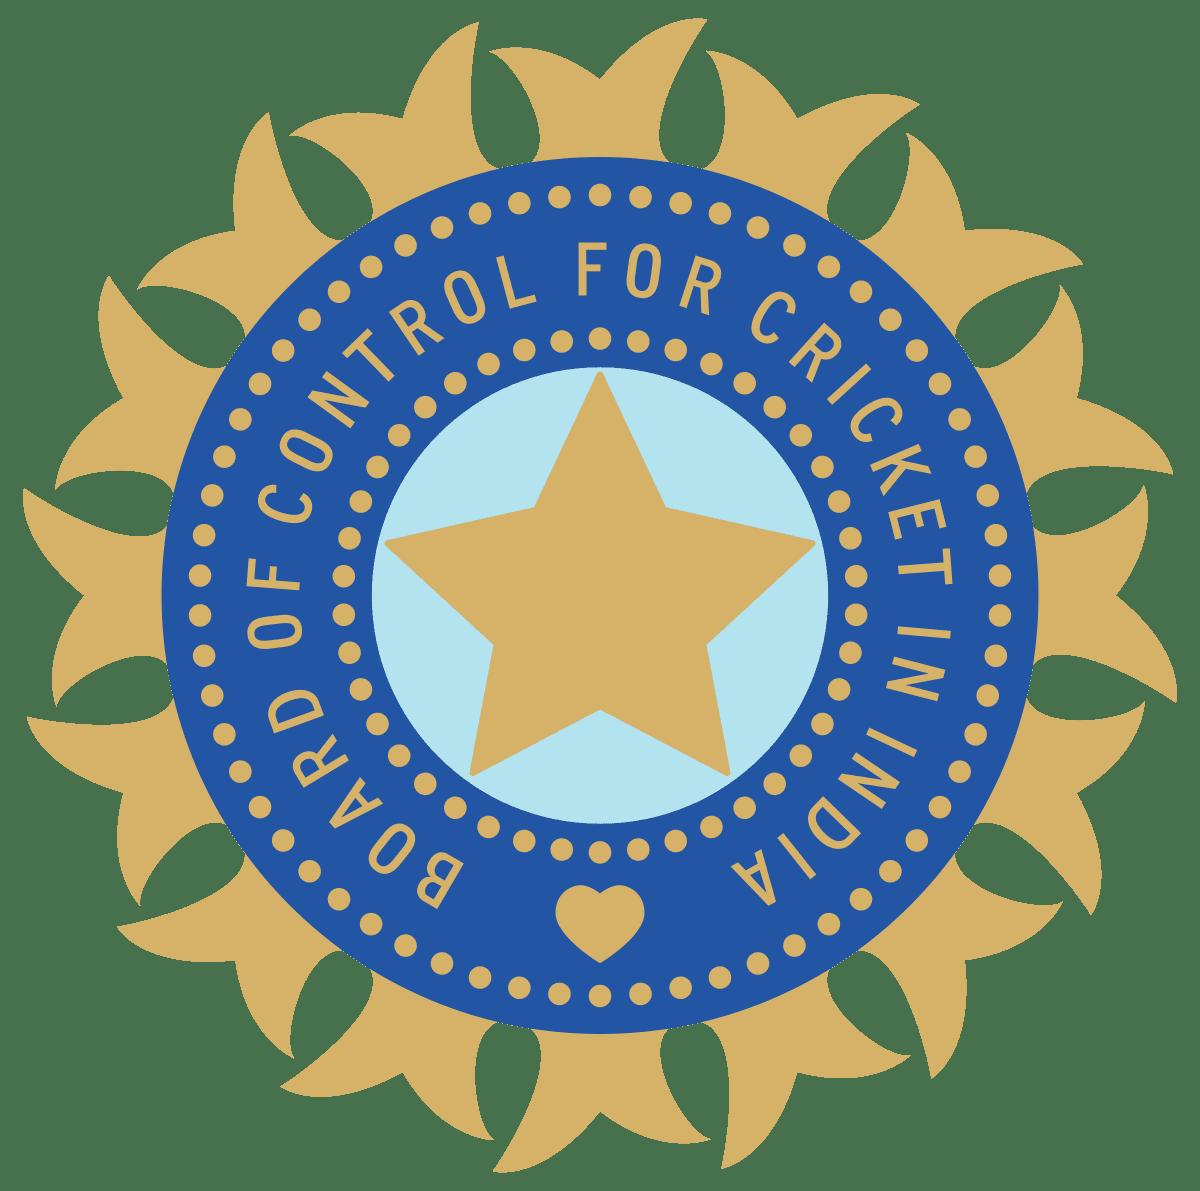 India Cricket Team 15 Member Squad For ICC CWC 2019 2